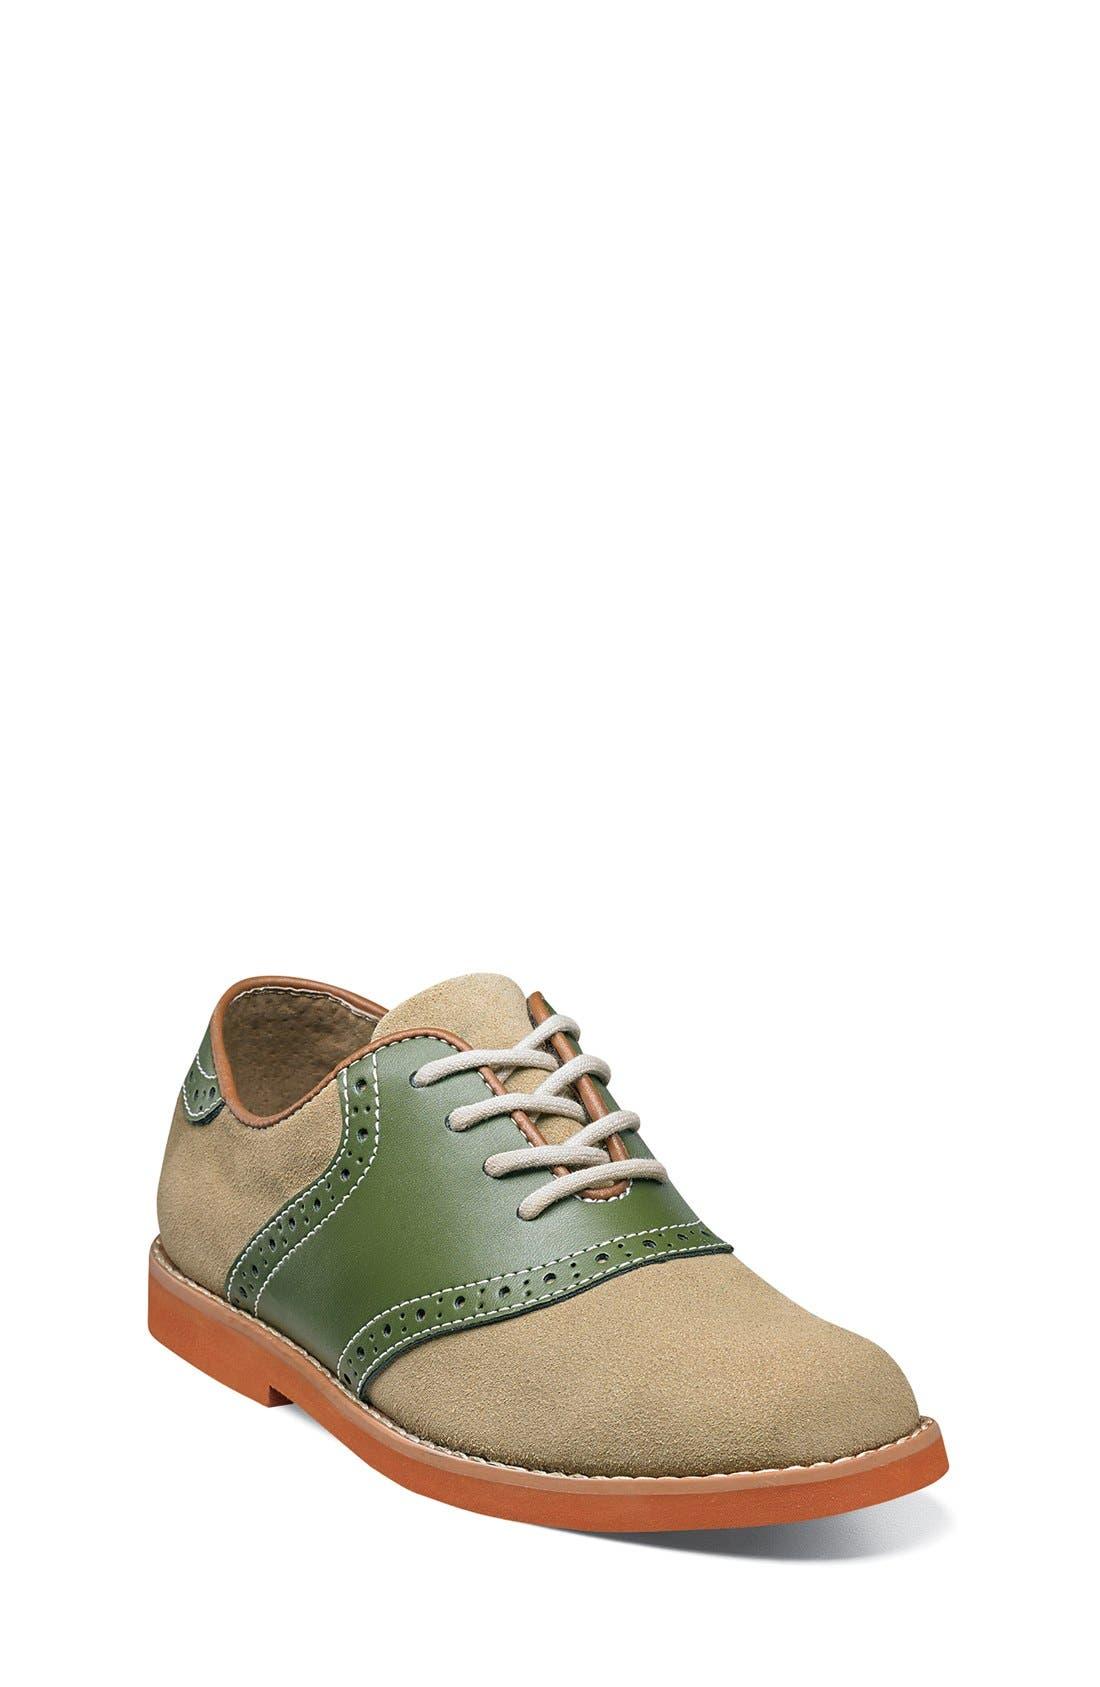 'Kennett Jr.' Saddle Shoe,                             Main thumbnail 1, color,                             200